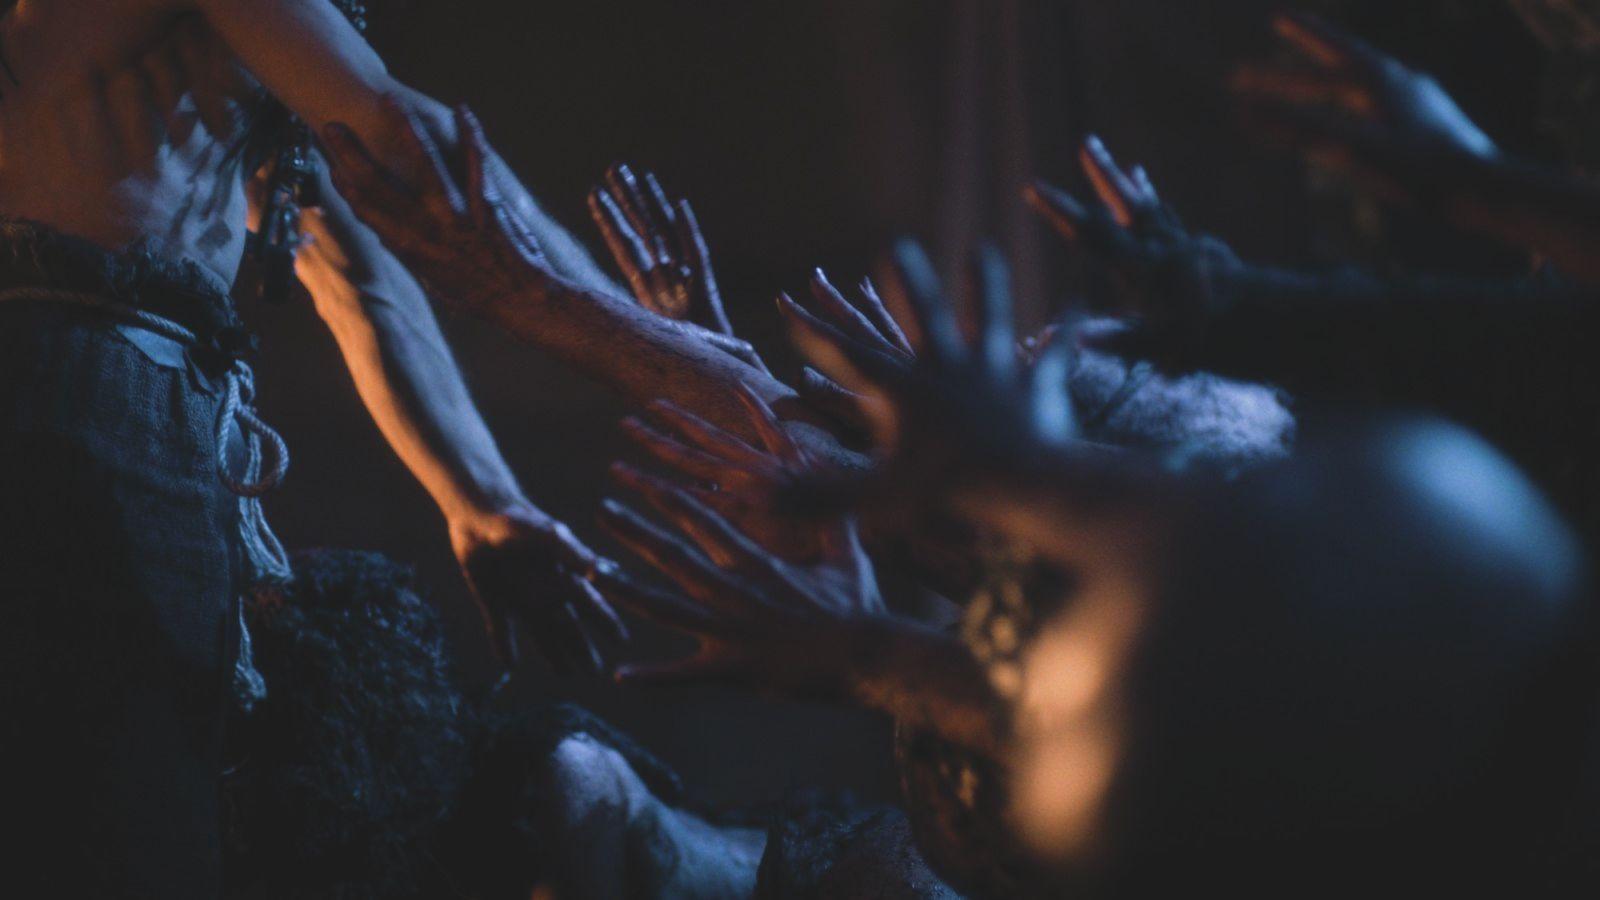 La salvaje 'Baskin' ya tiene fecha de estreno en Estados Unidos